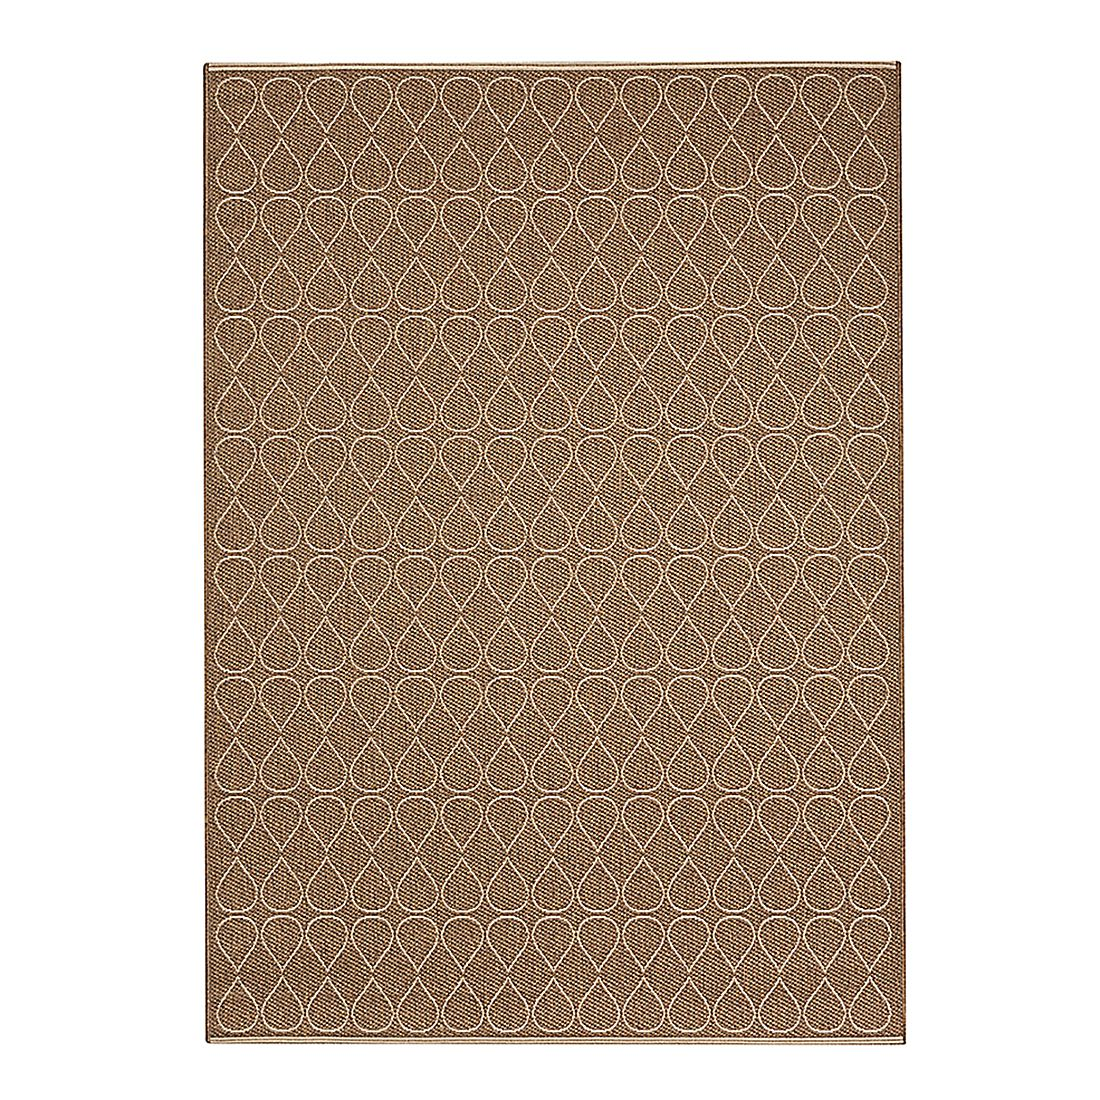 Home 24 - Tapis facet - couleur lin - dimensions: 133 x 190cm, raffi